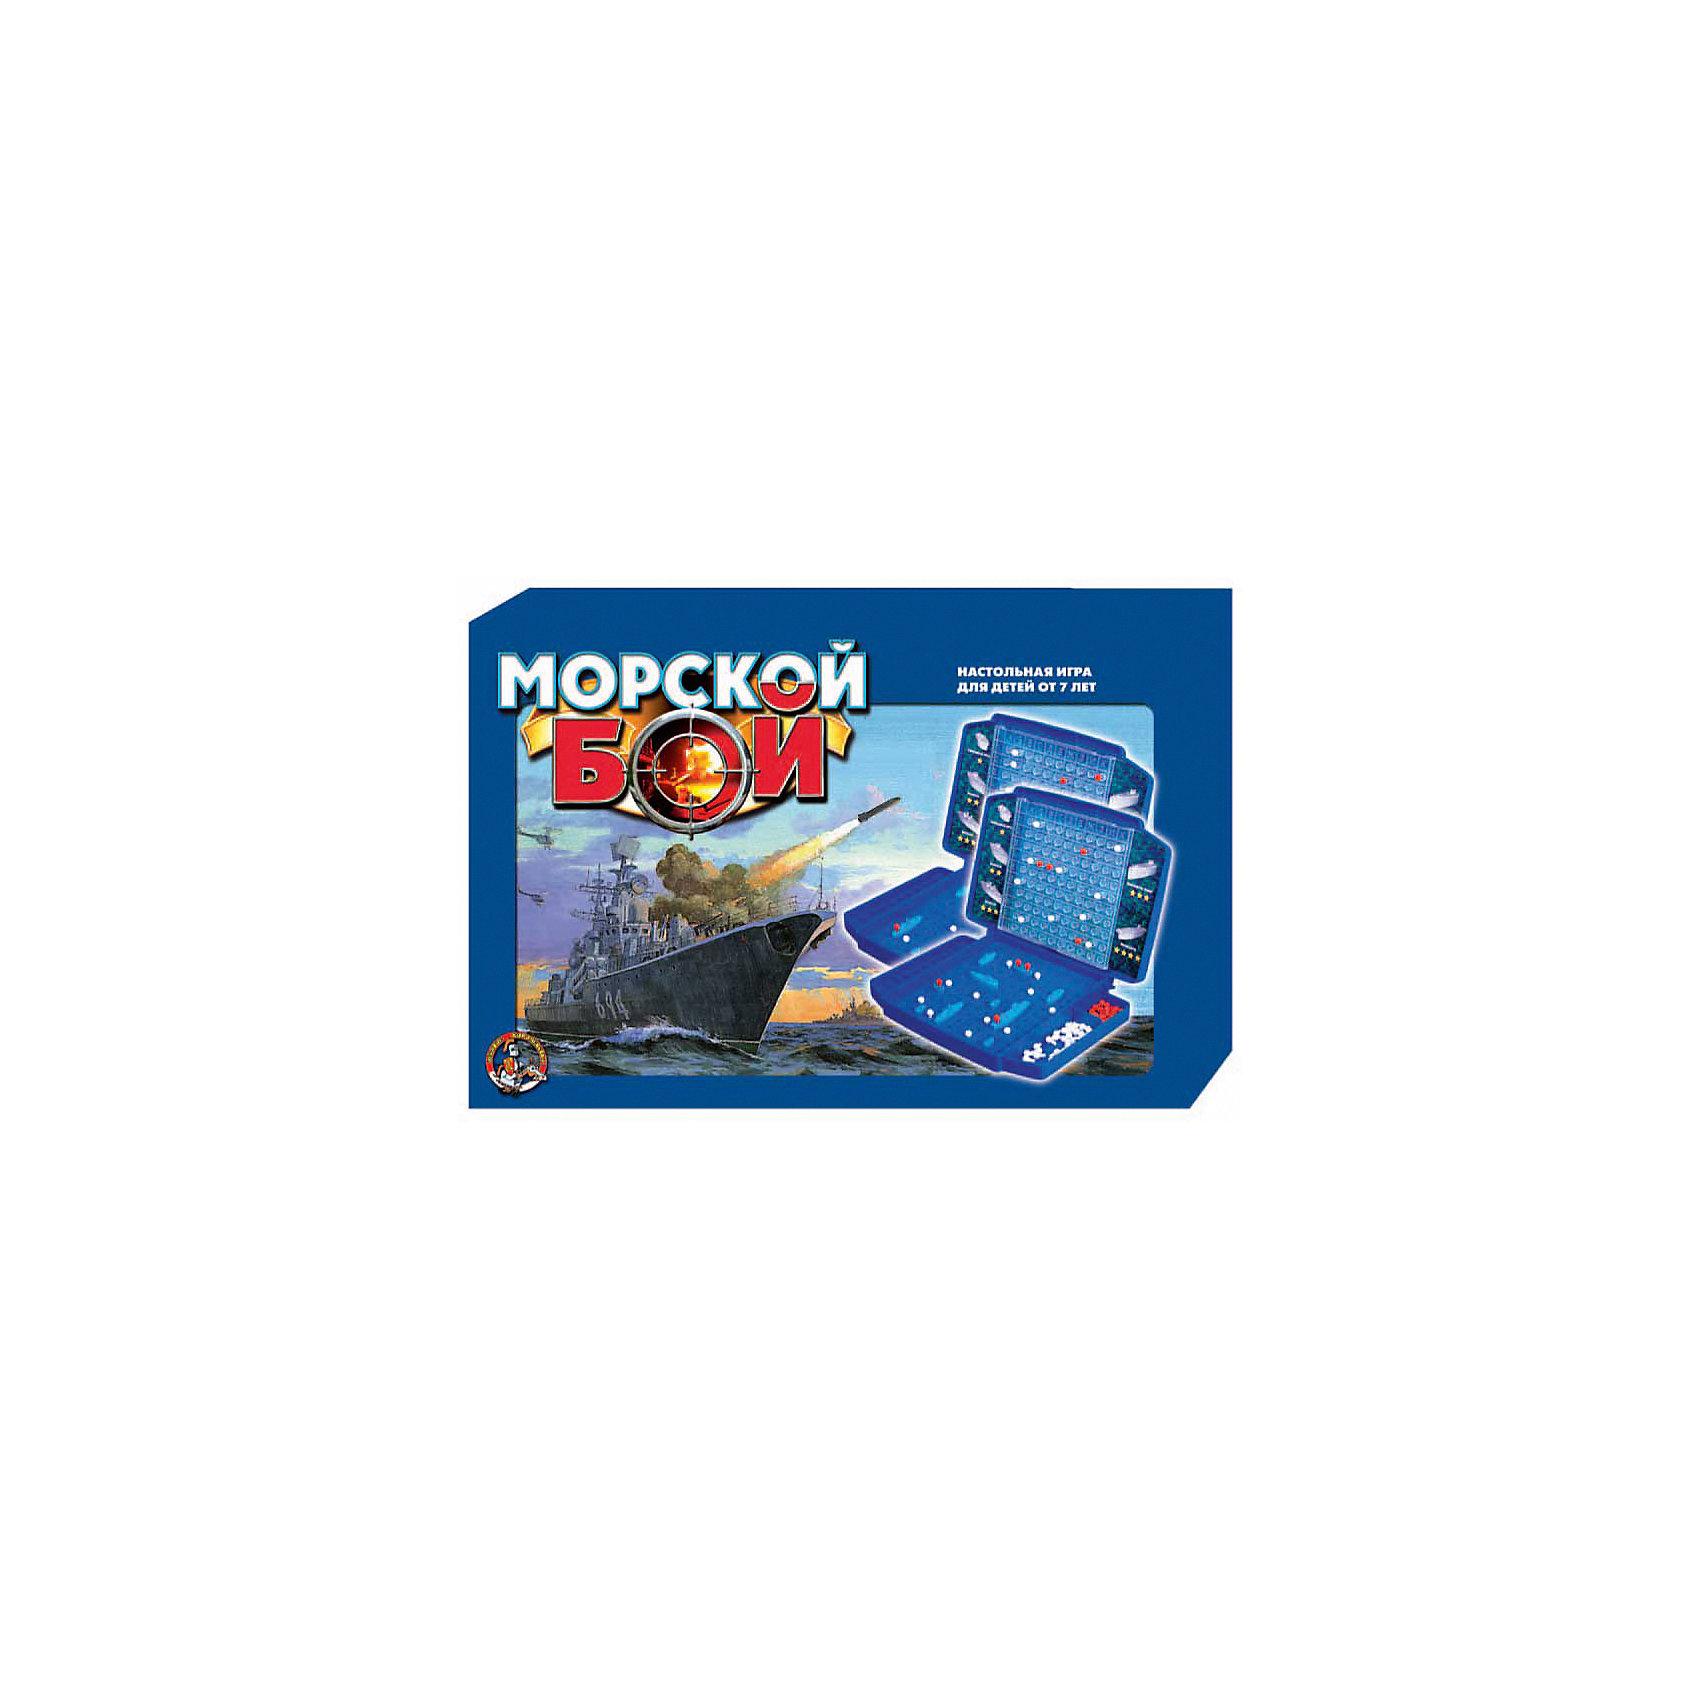 Игра настольная Морской бой 1, Десятое королевствоНастольные игры<br>Игра настольная Морской бой 1, Десятое королевство<br><br>Характеристики: <br><br>• Возраст: от 3 лет<br>• Материал: пластик<br>• В комплекте: корабли, чемоданчик, фишки<br><br>Этот набор создан на основе знаменитой игры Морской бой, только в данном наборе игровое поле и корабли выполнены в виде объемных фигурок. В комплекте идут 2 игровых поля, 2 крейсера, 6 эсминцев, 2 авианосца, 2 подлодки, 9 торпедных катеров, 320 белых и 80 красных фишек. Поставляется в удобном чемоданчике, благодаря которому фигурки не потеряются, а фишки не слетят с поля.<br><br>Игра настольная Морской бой 1, Десятое королевство можно купить в нашем интернет-магазине.<br><br>Ширина мм: 370<br>Глубина мм: 240<br>Высота мм: 40<br>Вес г: 912<br>Возраст от месяцев: 84<br>Возраст до месяцев: 2147483647<br>Пол: Унисекс<br>Возраст: Детский<br>SKU: 5473812